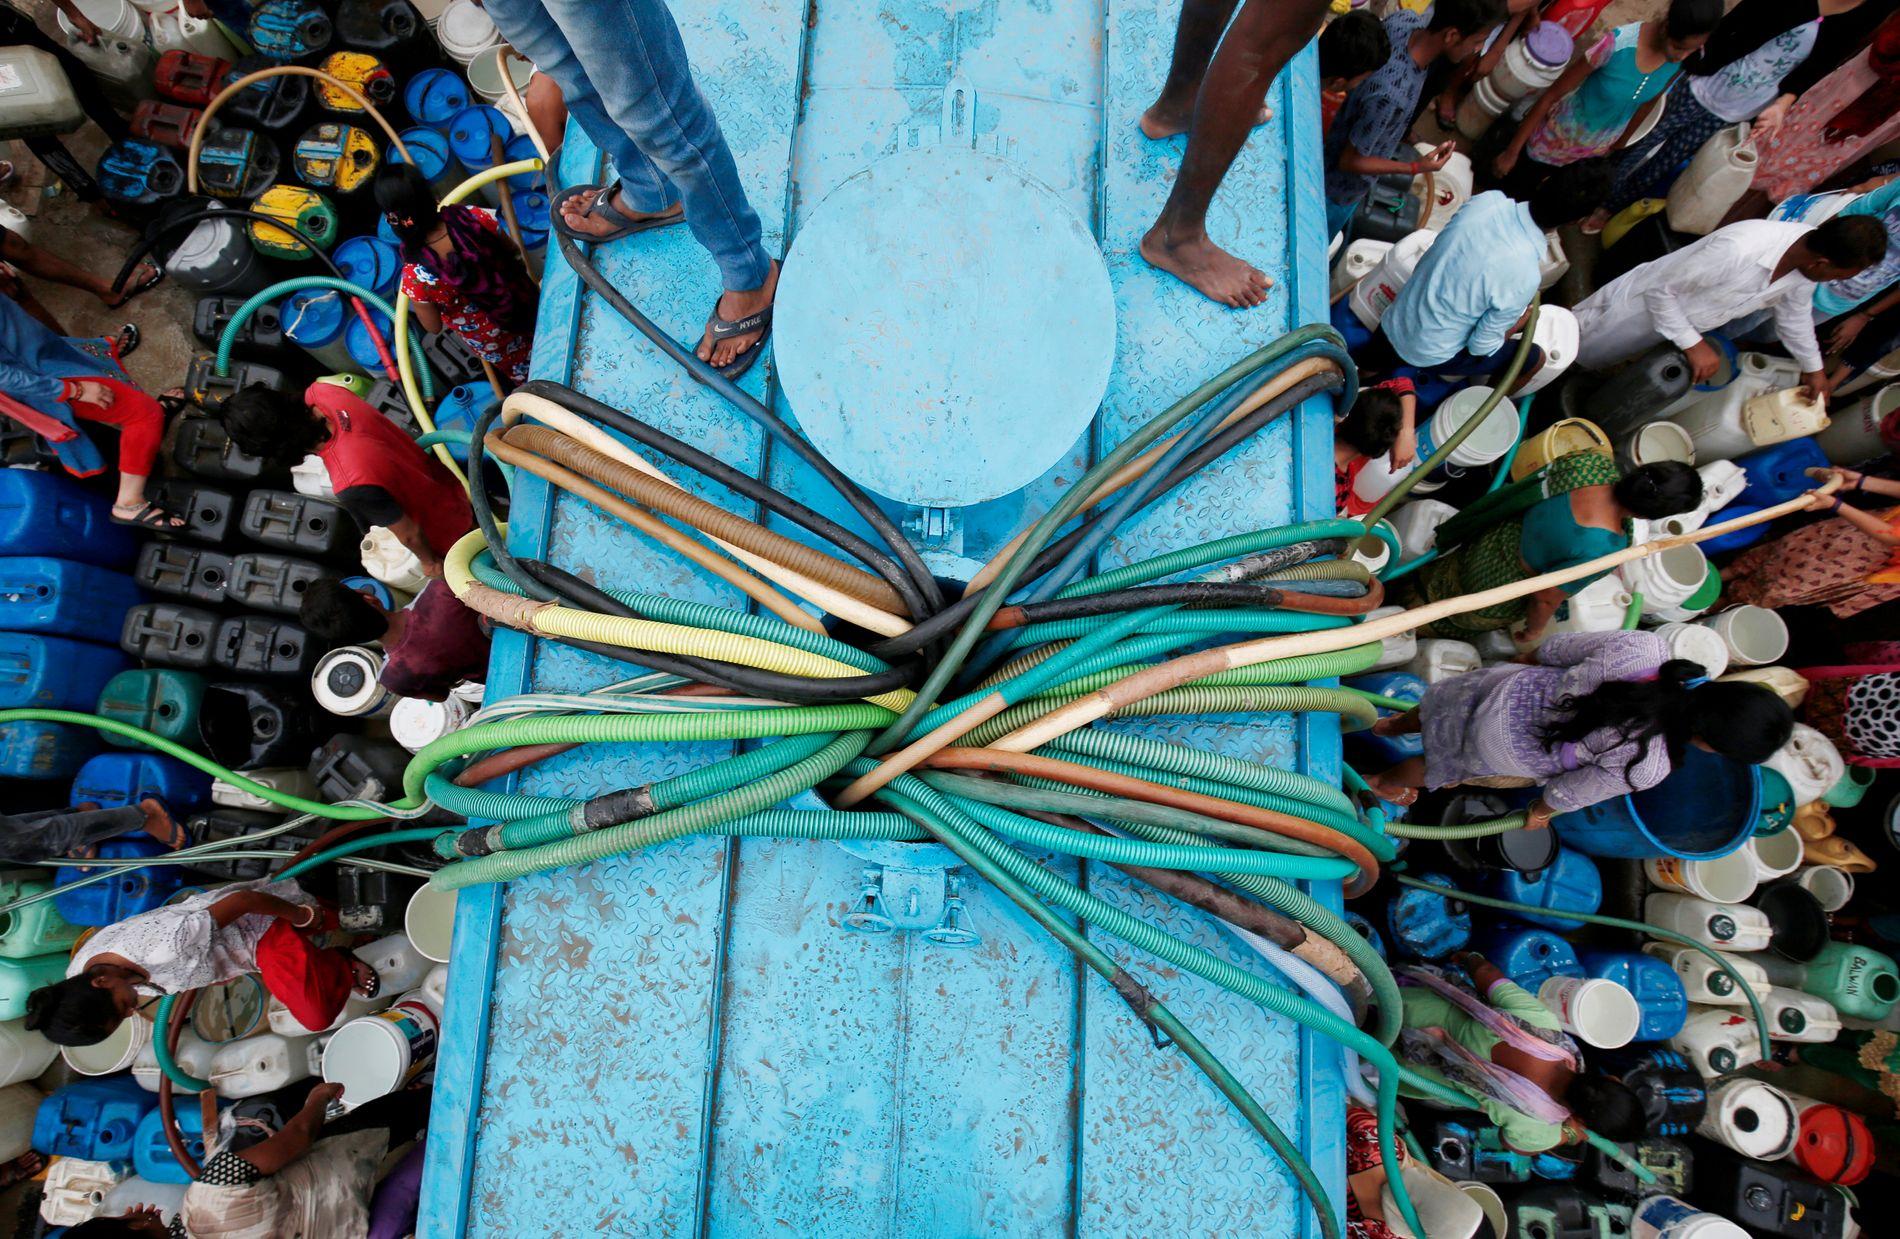 KRISE: Det betyr lite for de 200.000 menneskene som dør i India på grunn av mangel på rent vann at de har rettigheter til rent vann, skriver innsender. På bildet henter folk i New Dehli vann fra en kommunal tank.